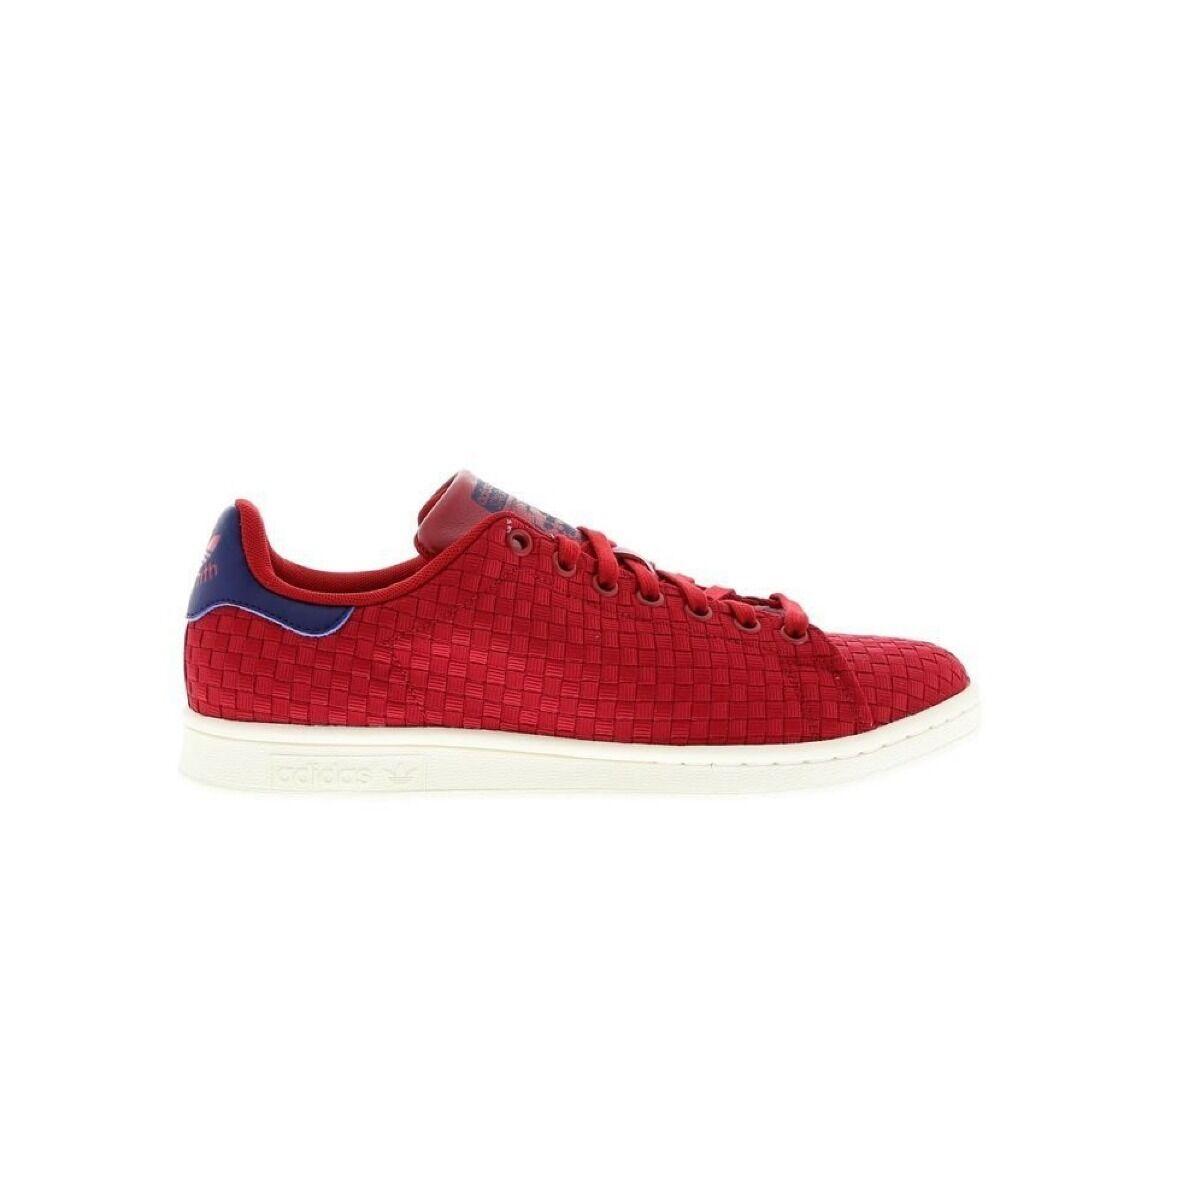 Adidas Stan Smith Zapatillas Hombre Rojo Azules Talla